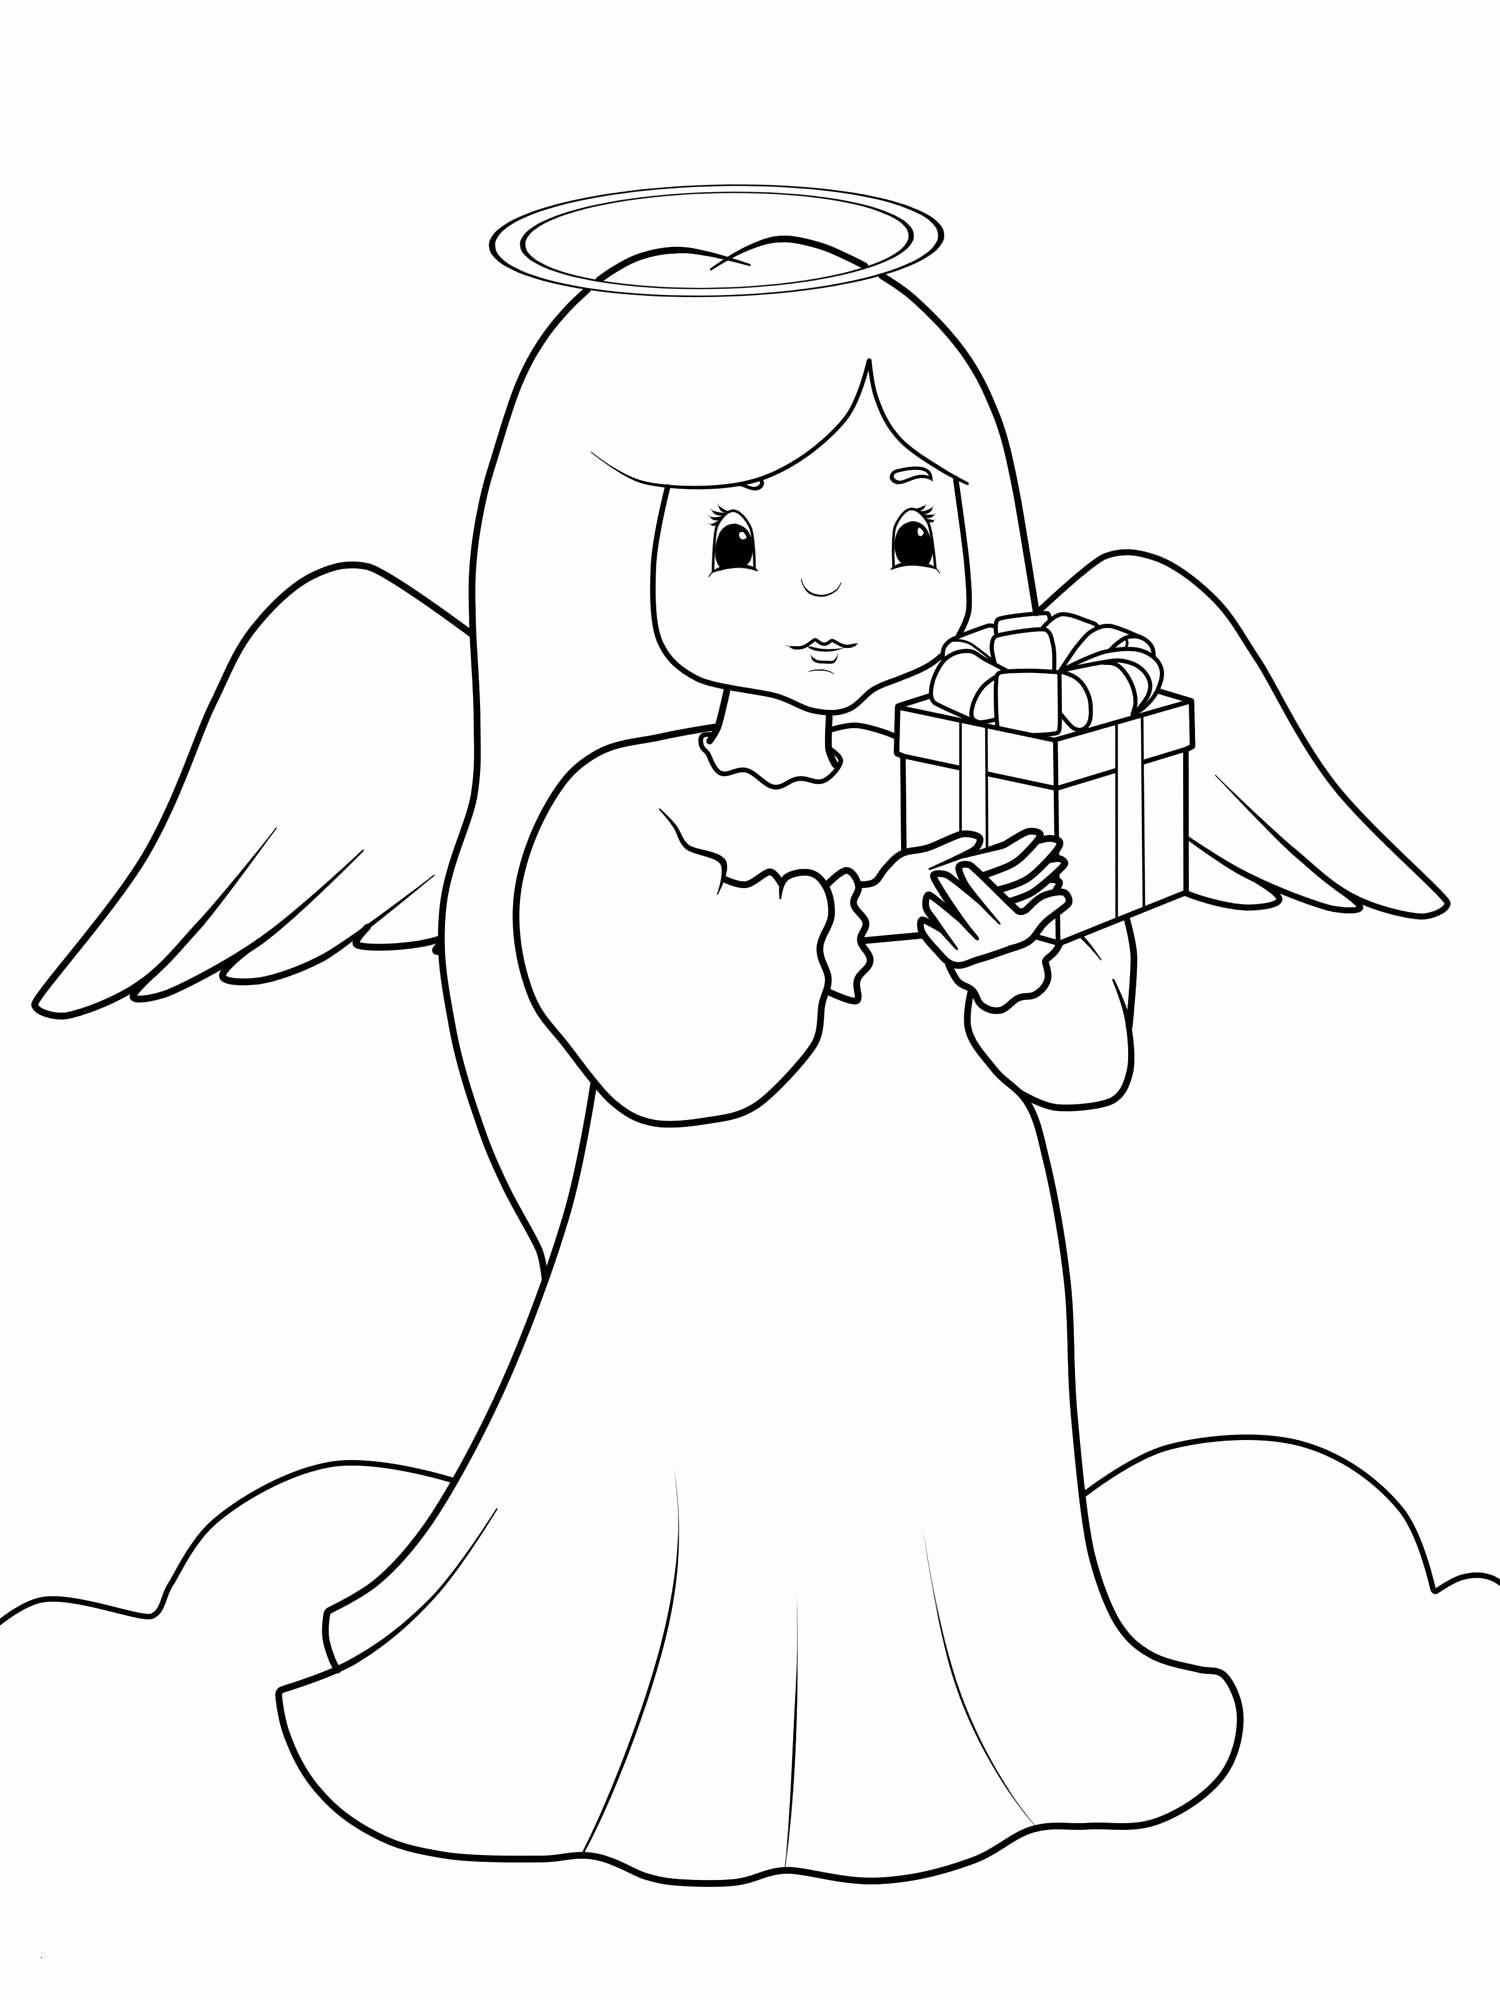 Ausmalbild Weihnachten Bilder Zum Ausmalen Inspirierend Engel Bilder Zum Ausmalen Und Ausdrucken Engel Ausmalbilder Das Bild